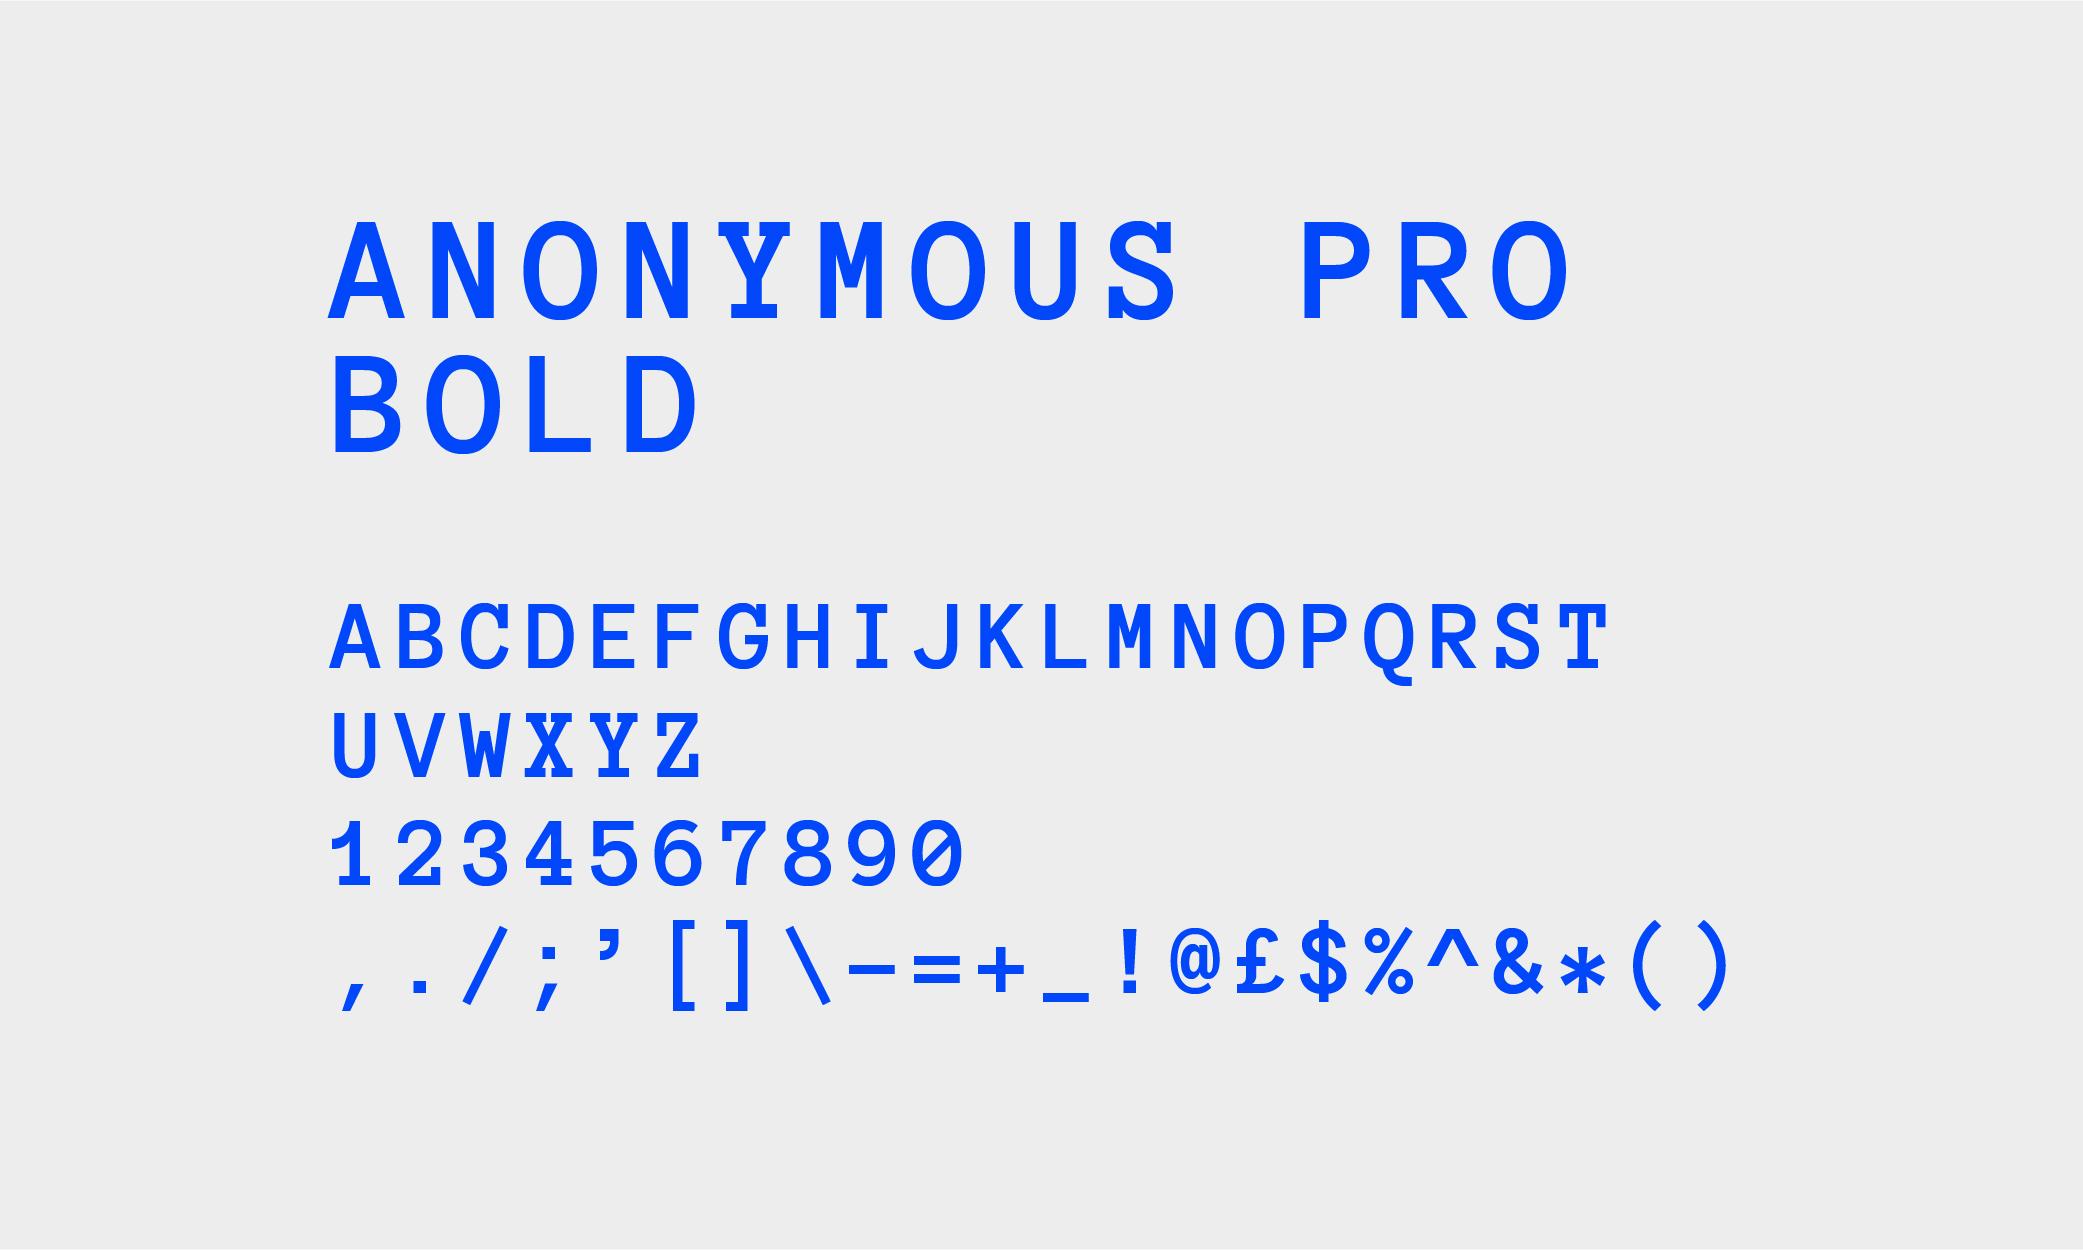 AnonProBold-01